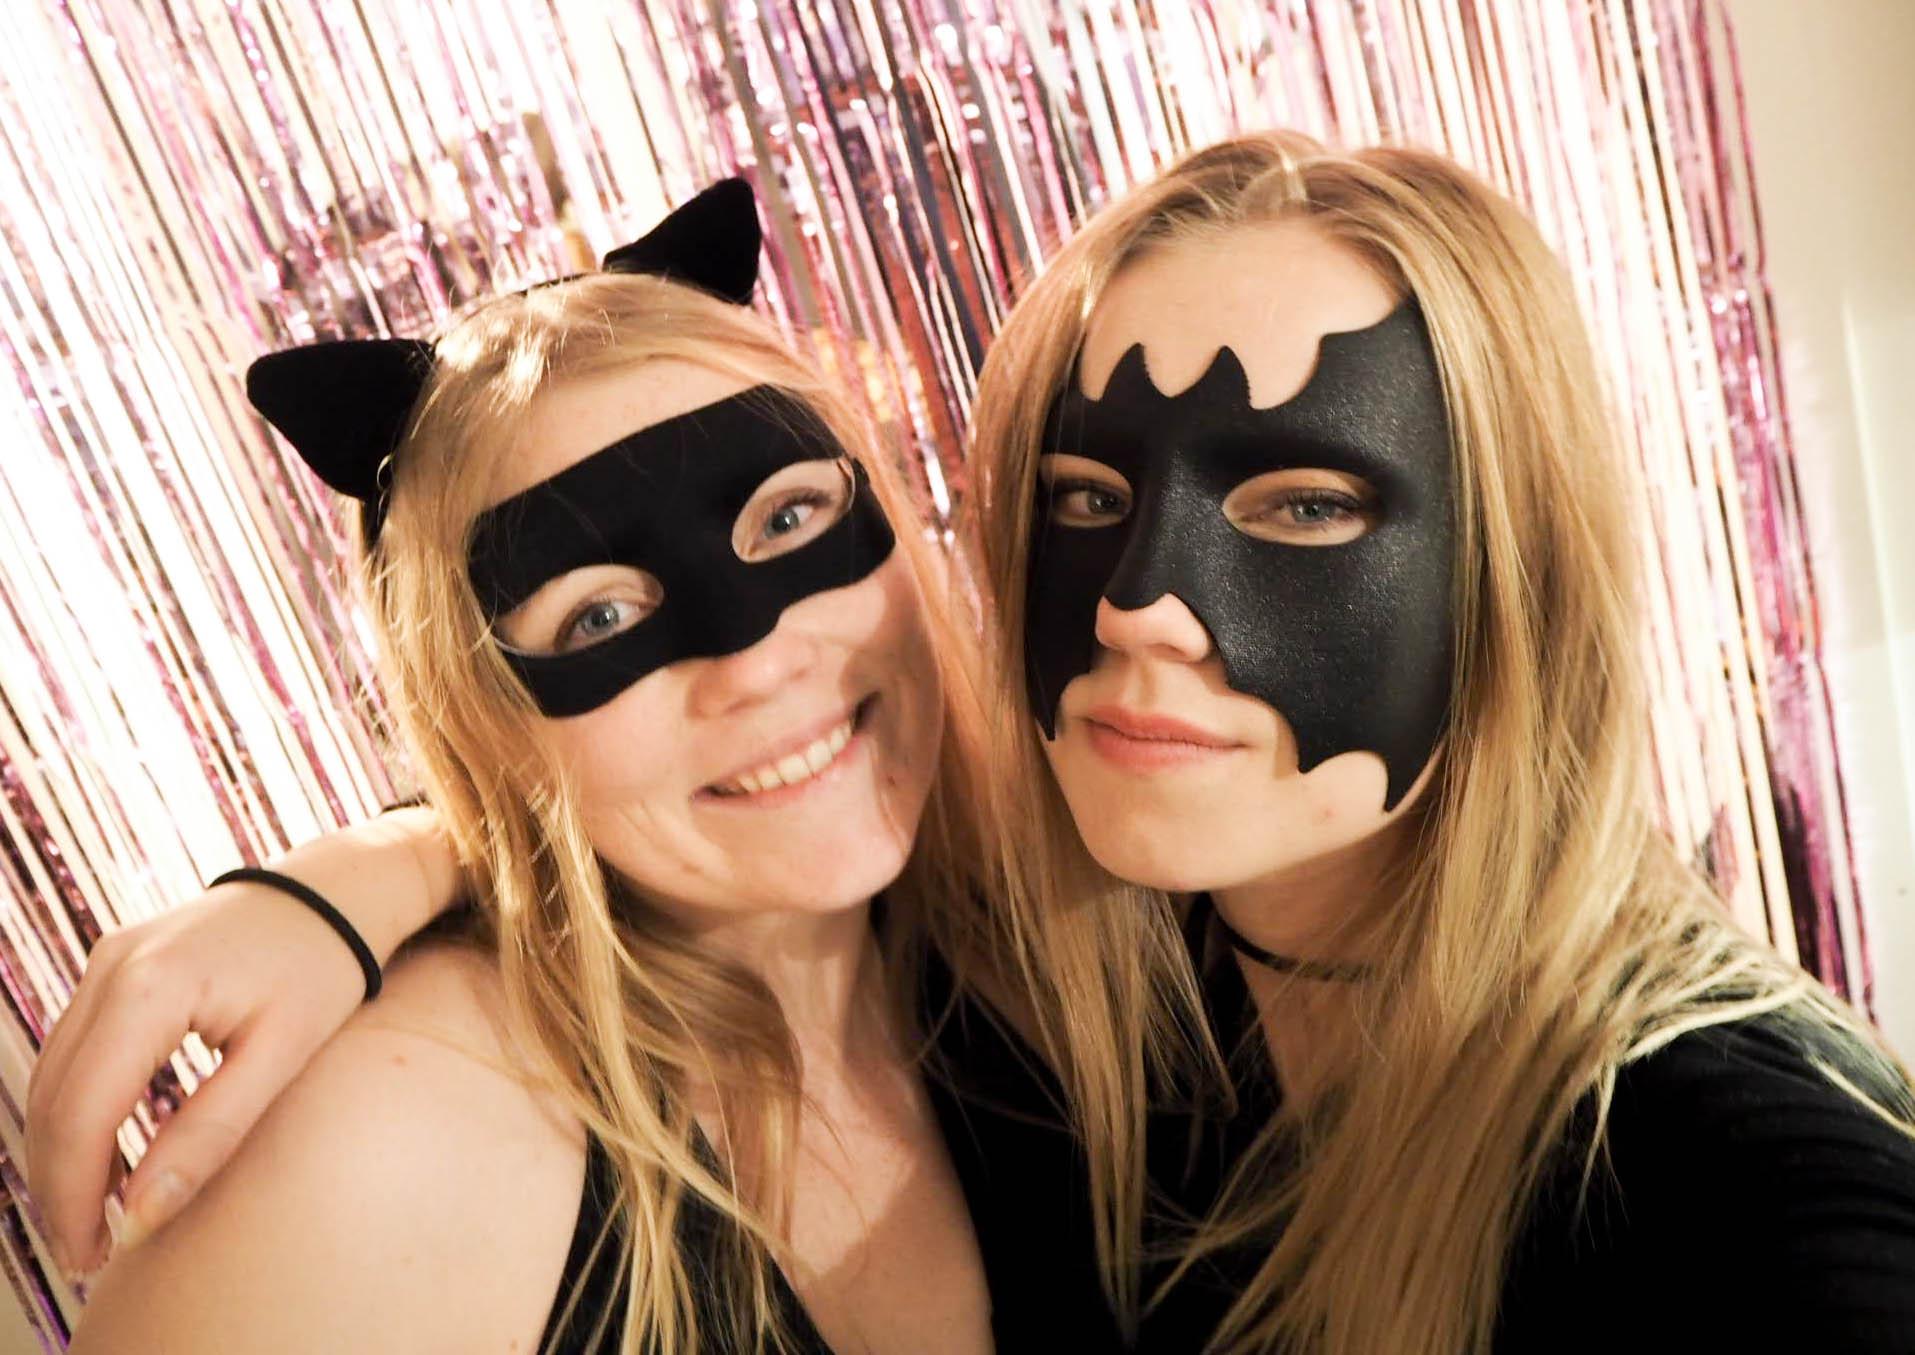 Bilde av kattekostyme og batmankostyme